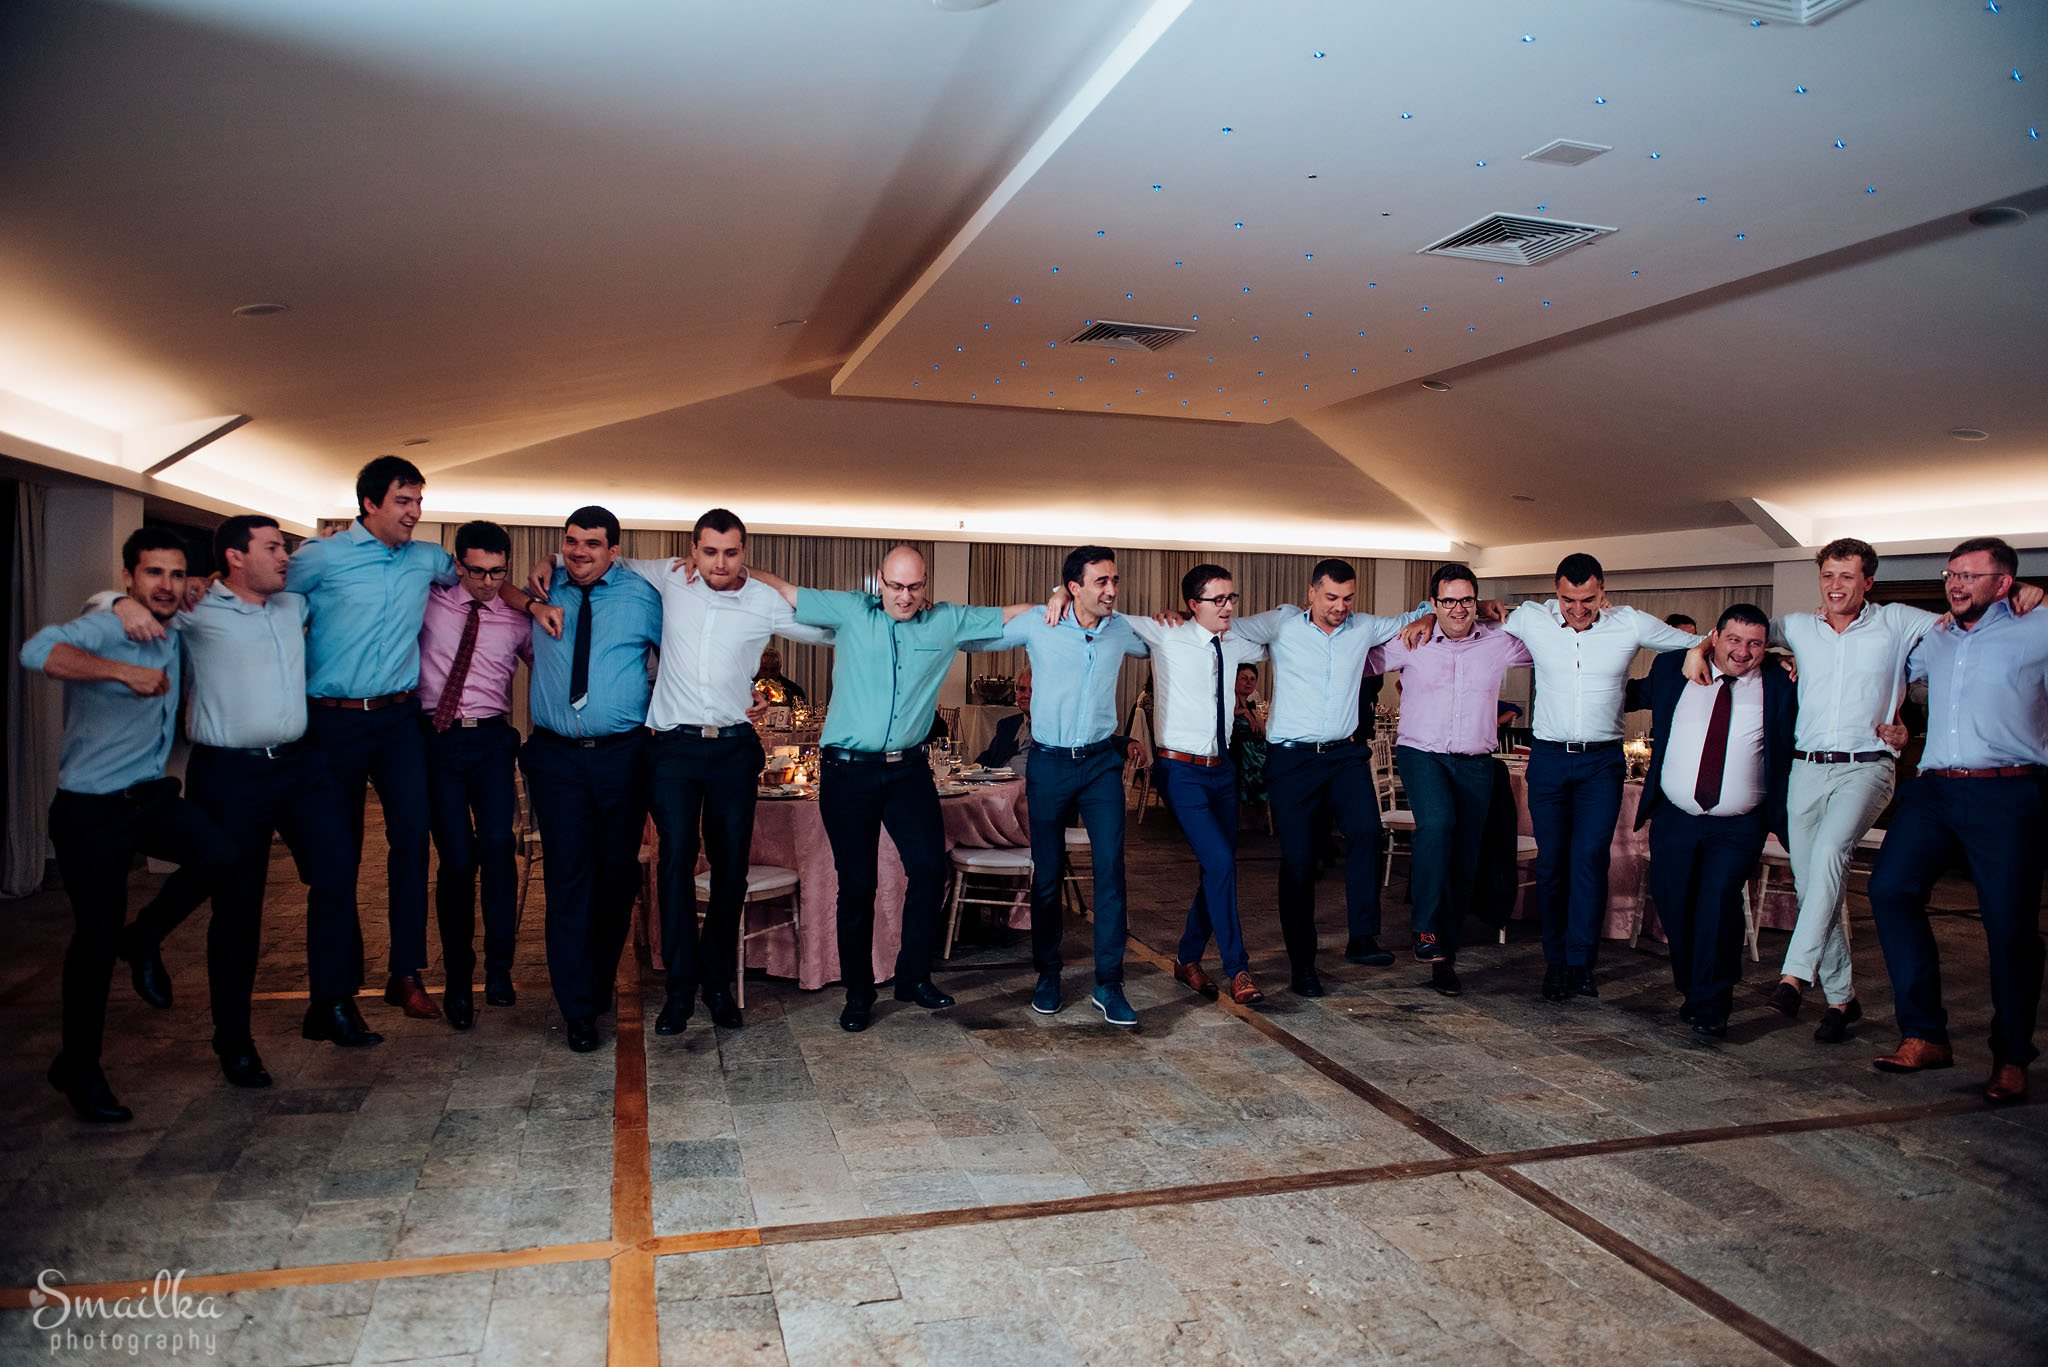 Men on wedding dancing at Black Sea Rama